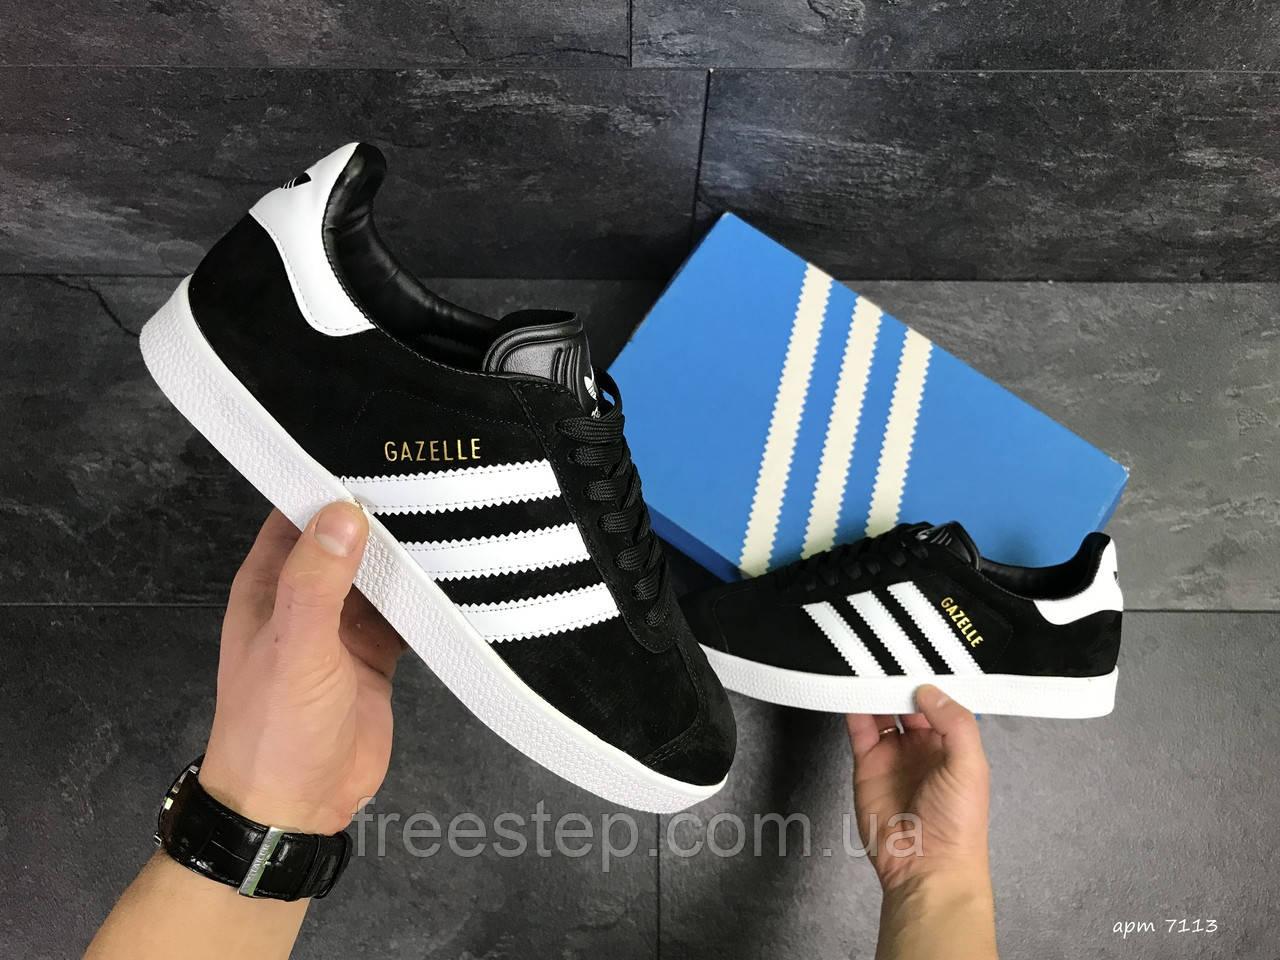 Кроссовки в стиле Adidas Gazelle, натуральная замша, черные с белым